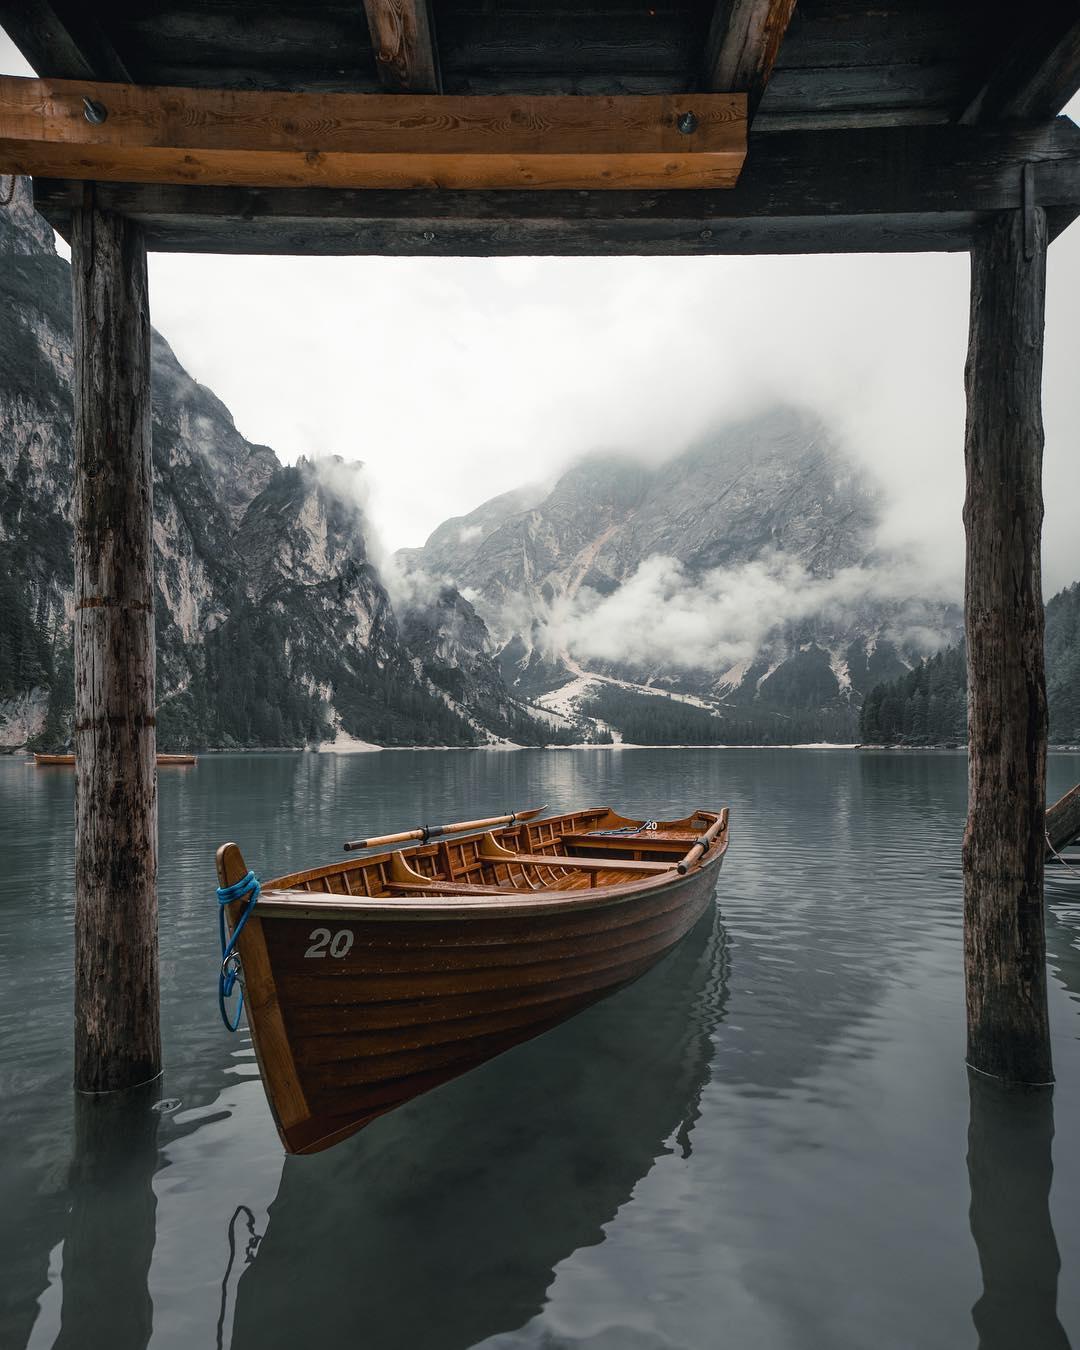 Красивые пейзажные снимки Криса Н